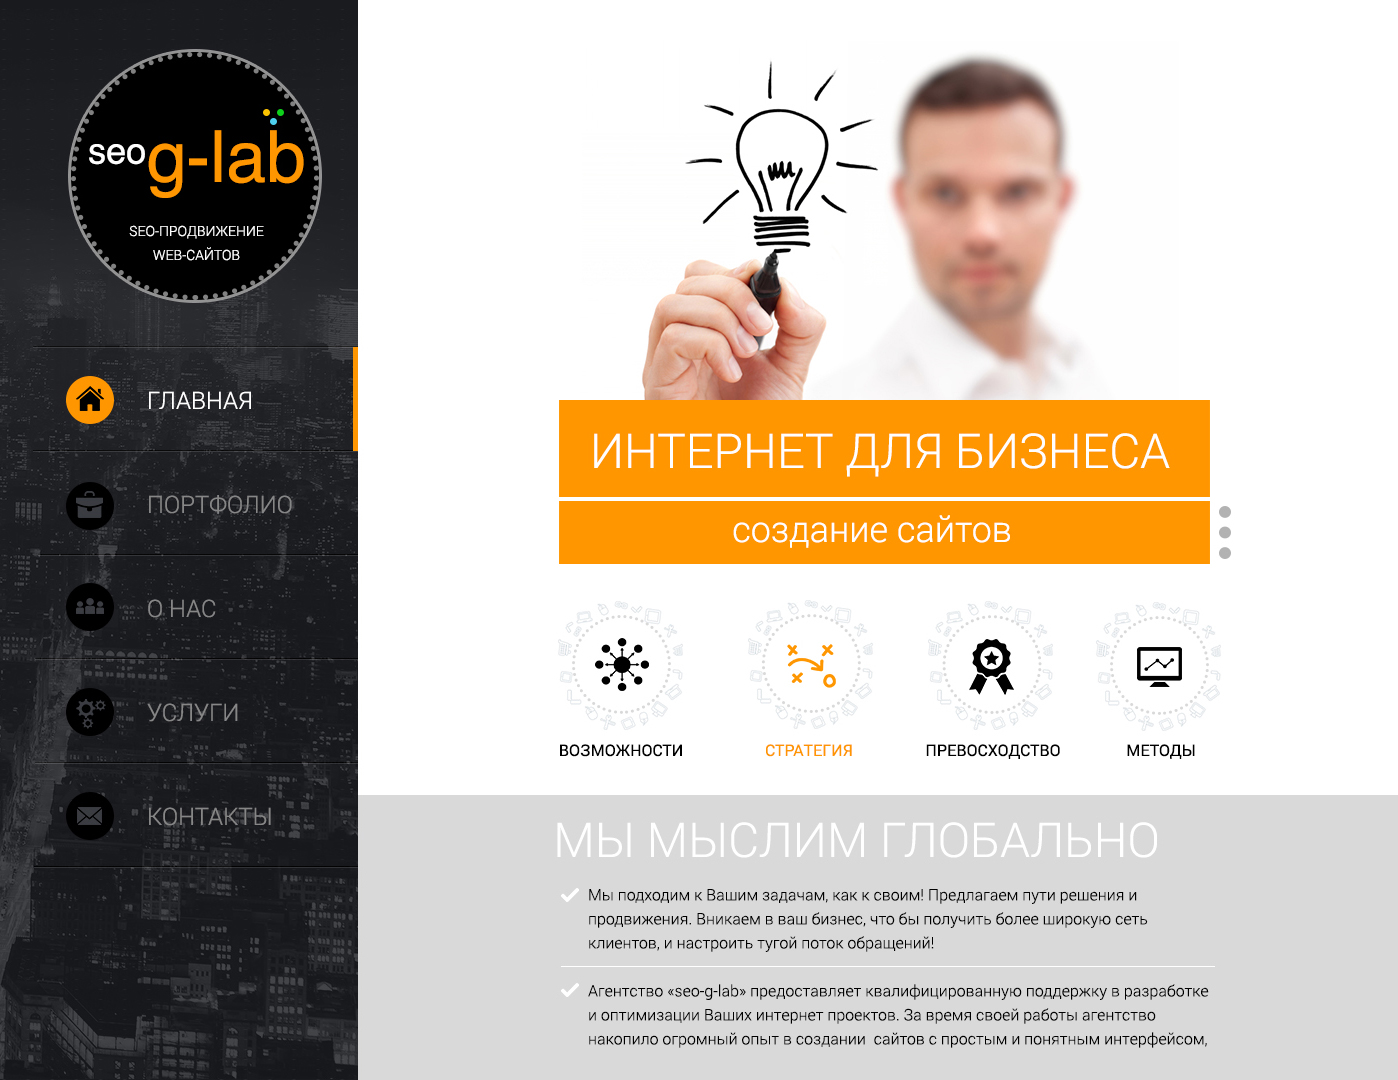 сайт-визитка SEO G-LAB